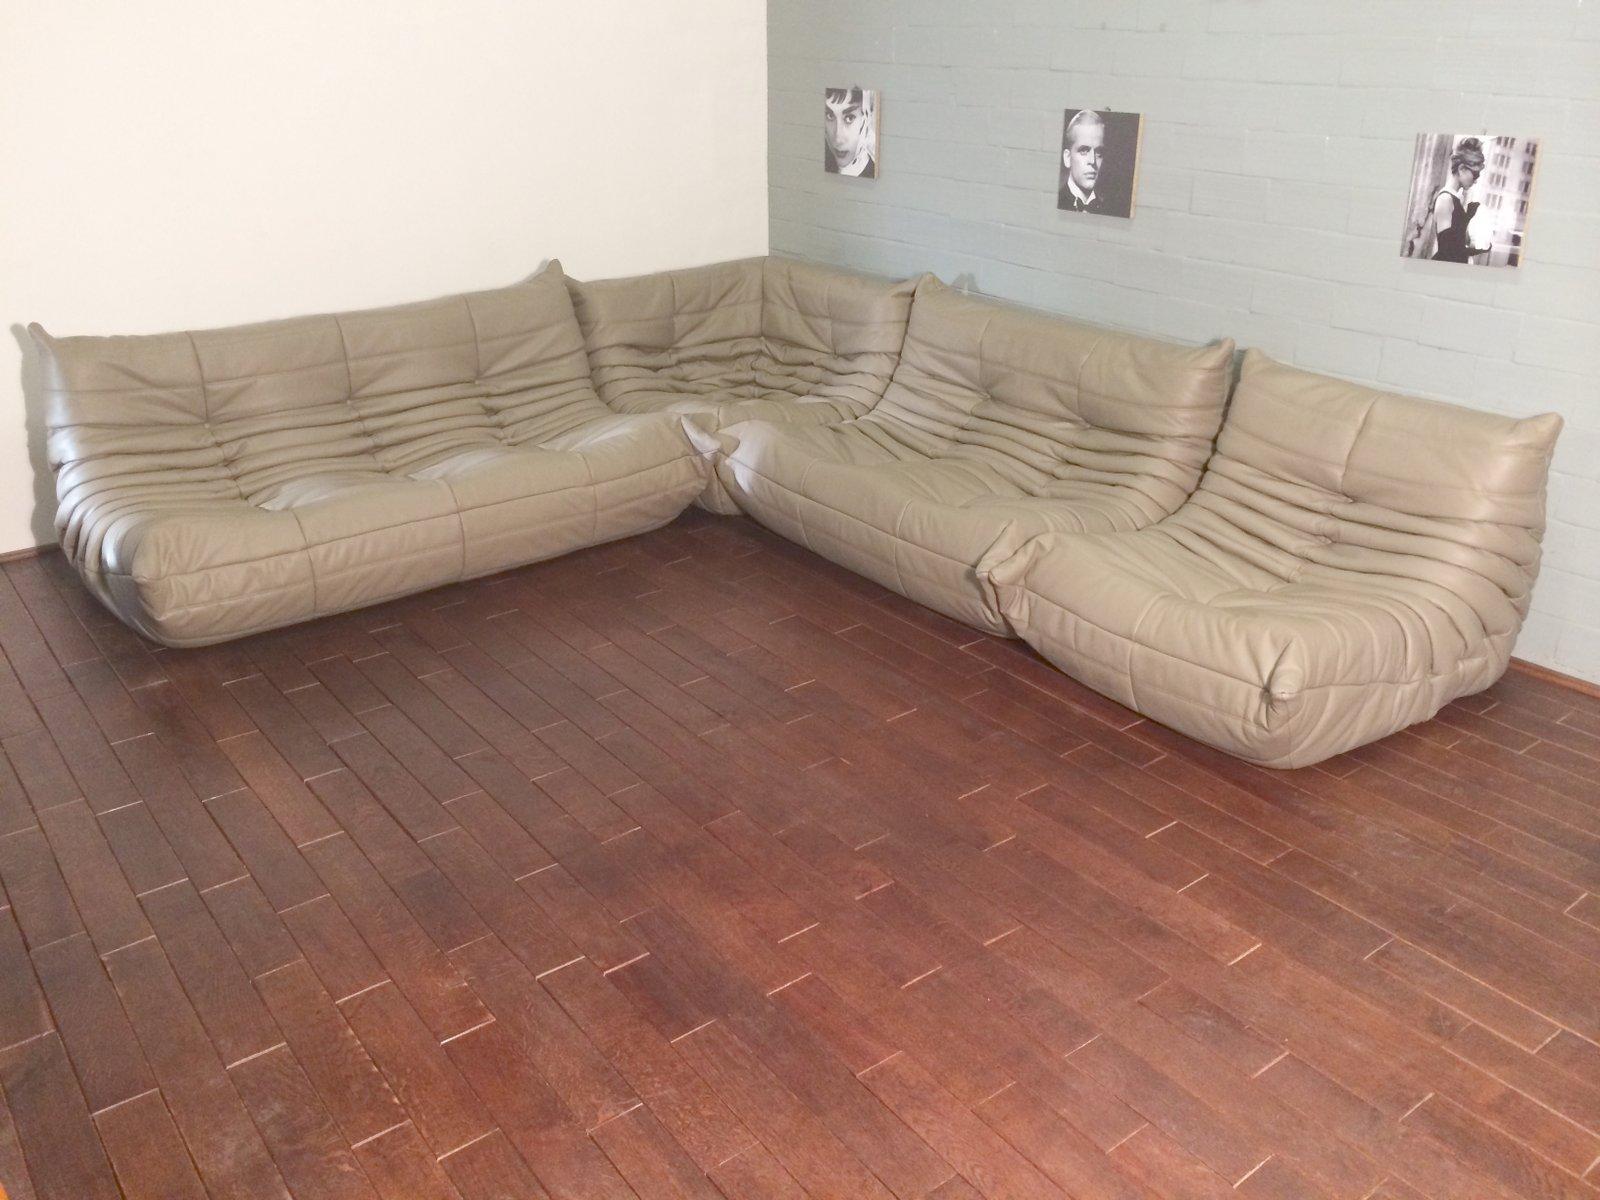 togo ledersofa set in beige von michel ducaroy f r ligne roset 1974 bei pamono kaufen. Black Bedroom Furniture Sets. Home Design Ideas